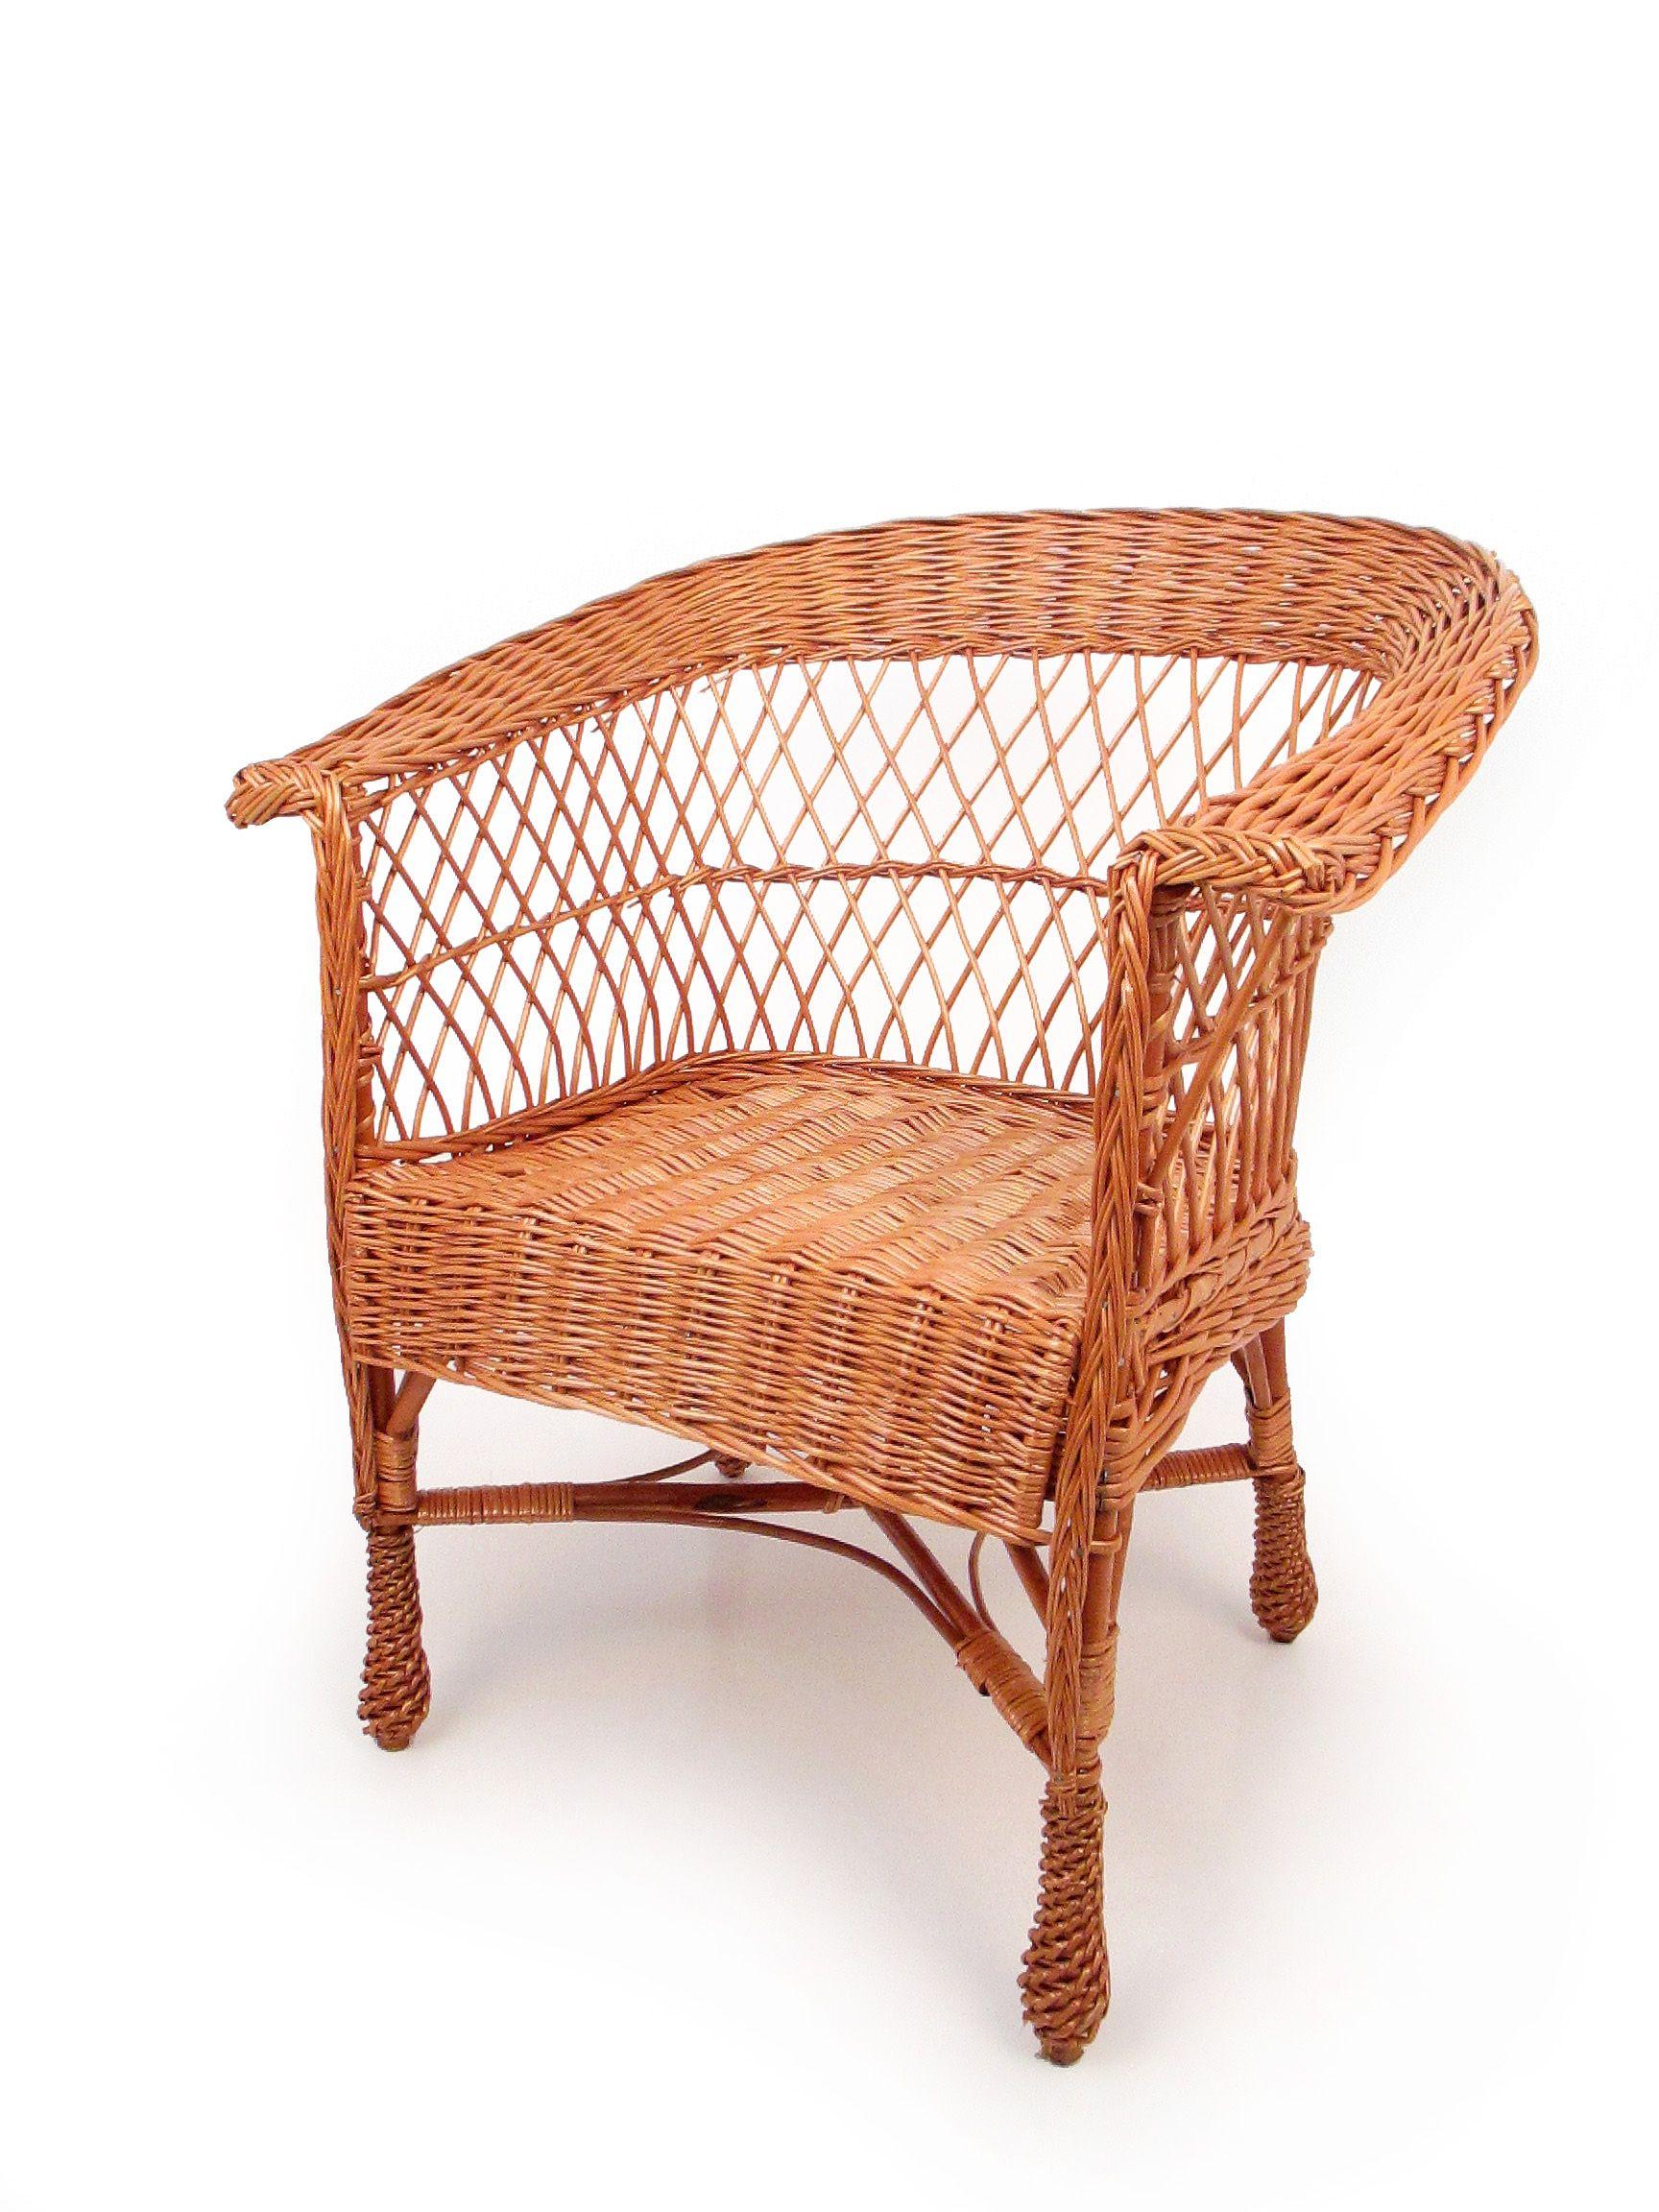 vessző szék image by Kővári Kosárház Kft. | Szék